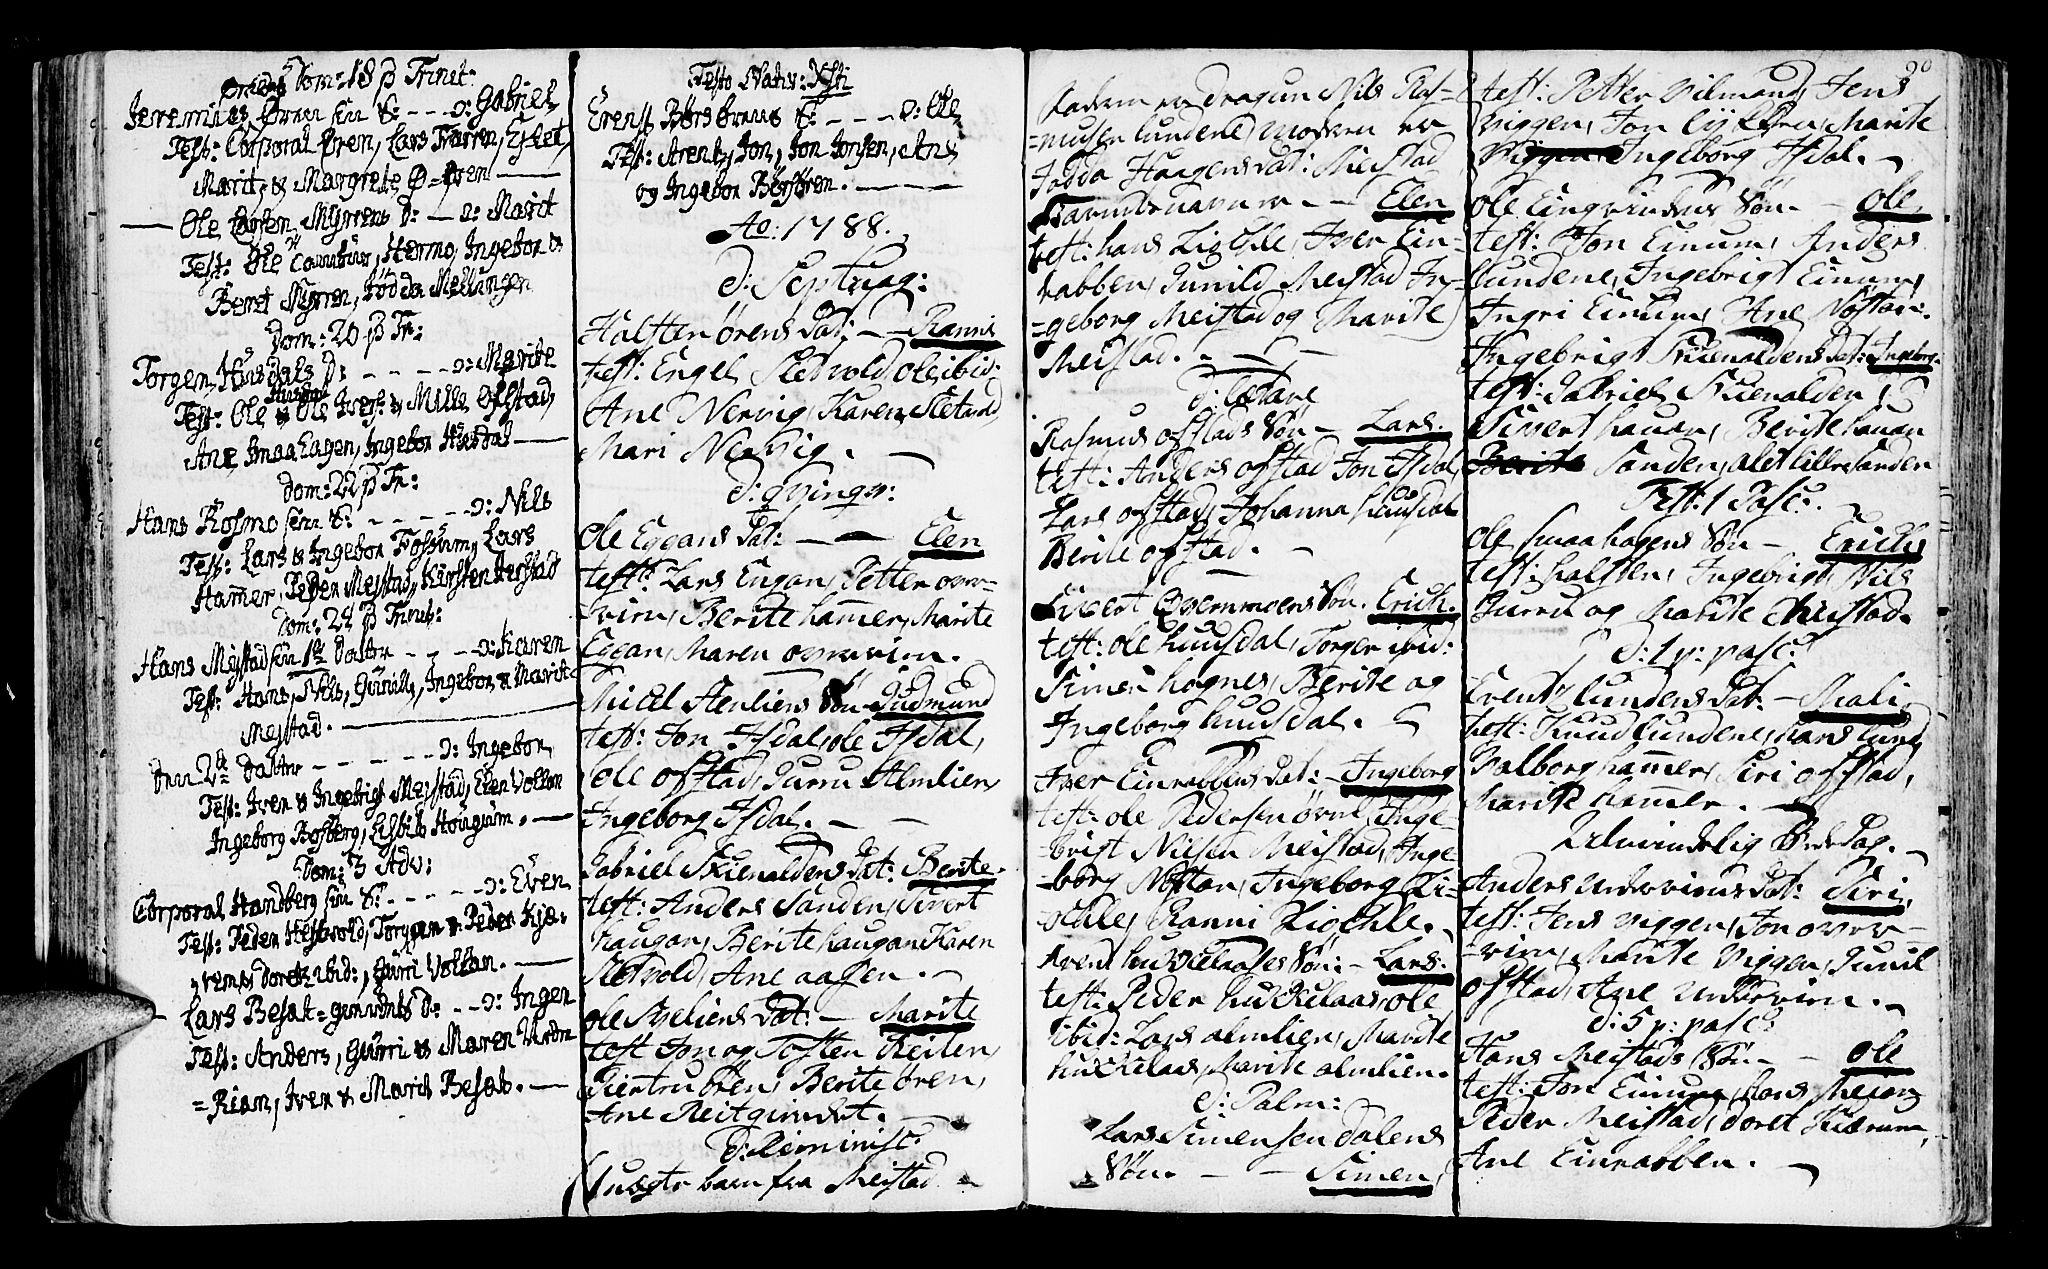 SAT, Ministerialprotokoller, klokkerbøker og fødselsregistre - Sør-Trøndelag, 665/L0768: Ministerialbok nr. 665A03, 1754-1803, s. 90